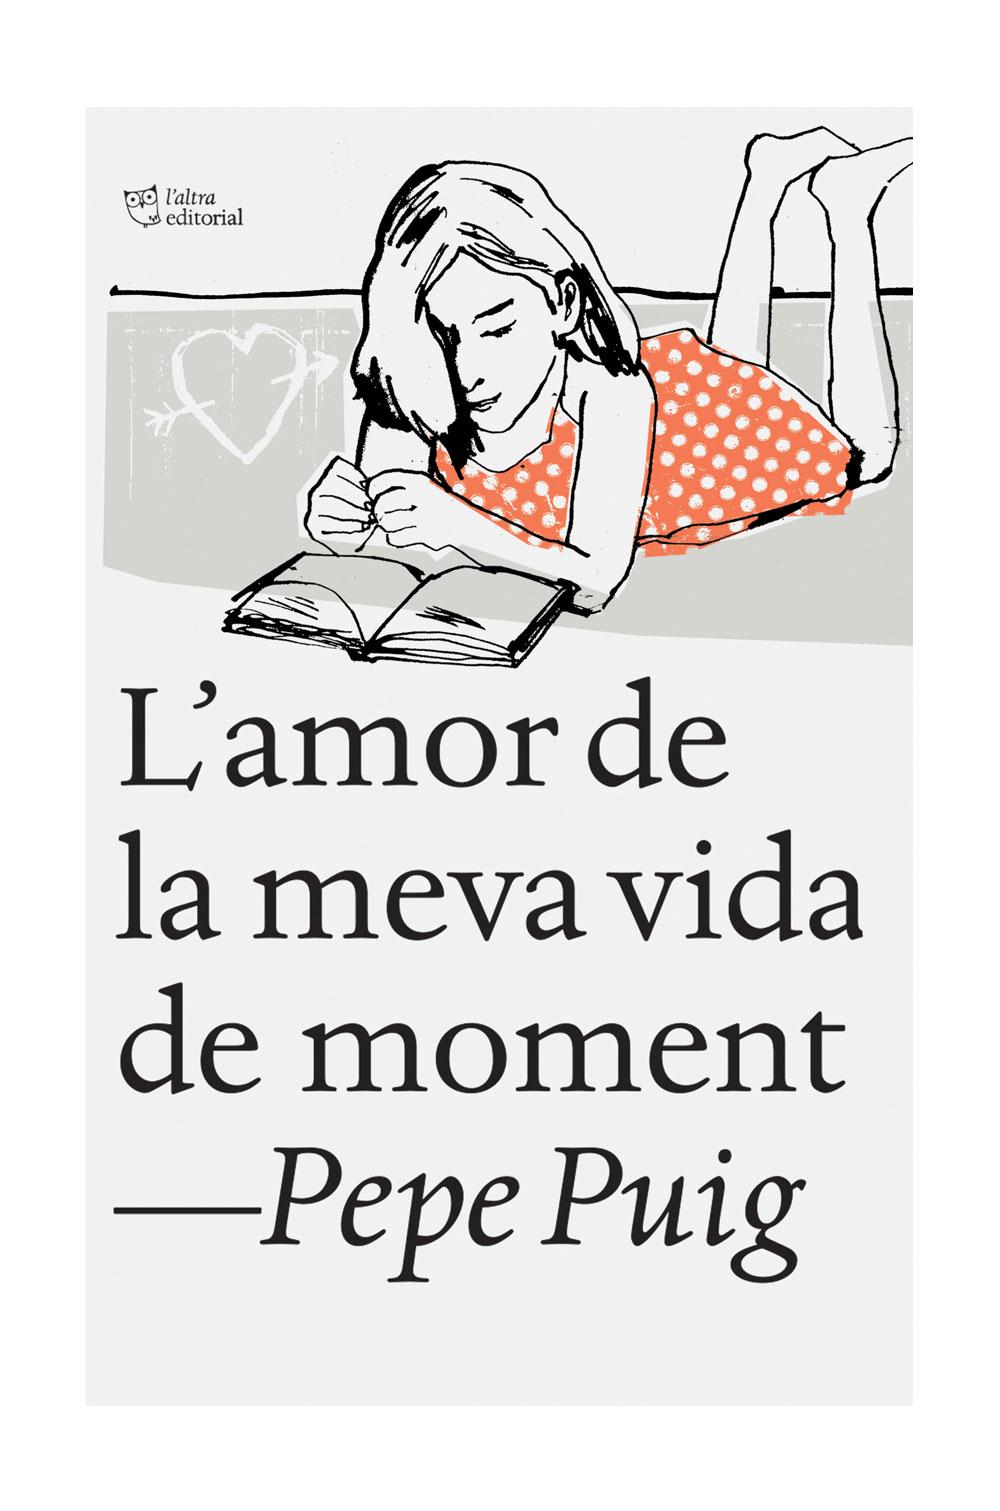 L'amor de la meva vida de moment - Pepe Puig